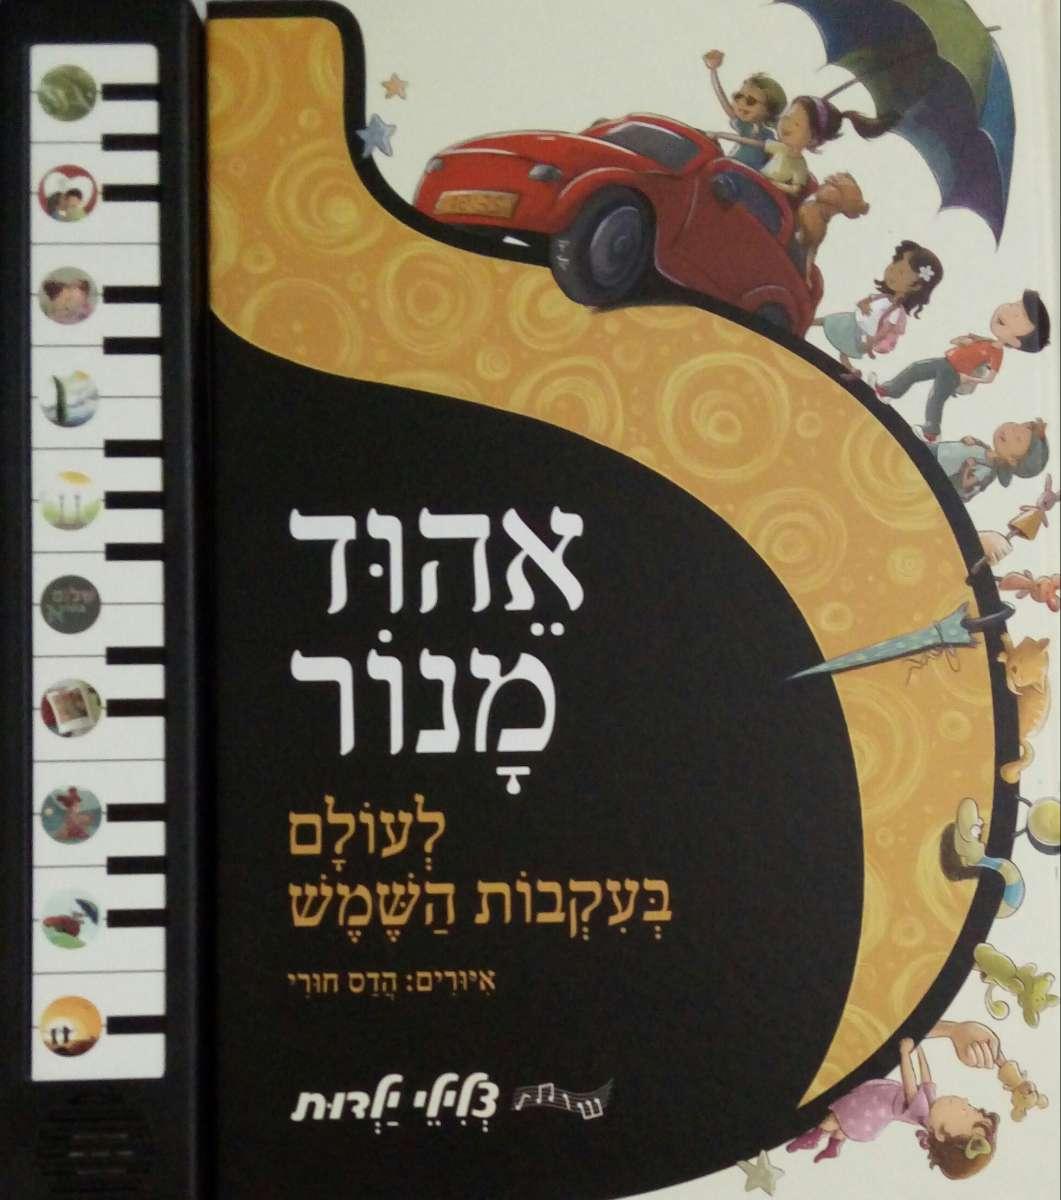 תמונה של הספר אהוד מנור לעולם בעקבות השמש